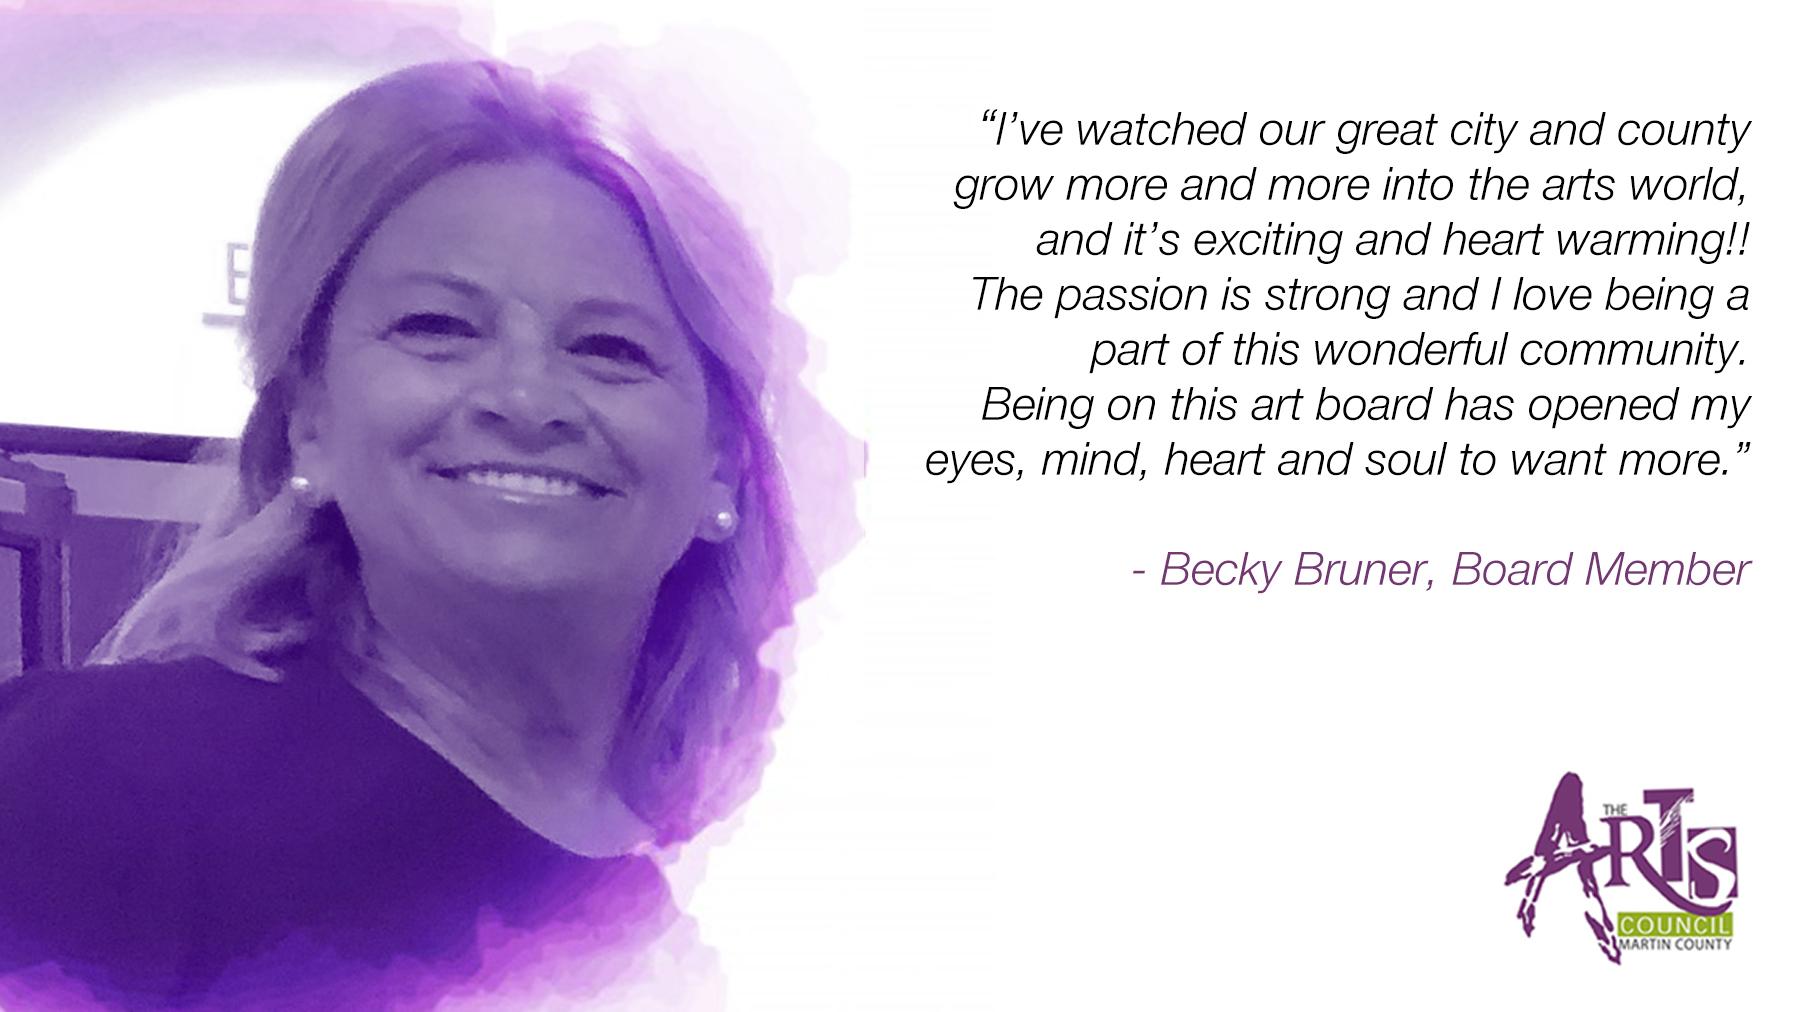 Becky Bruner